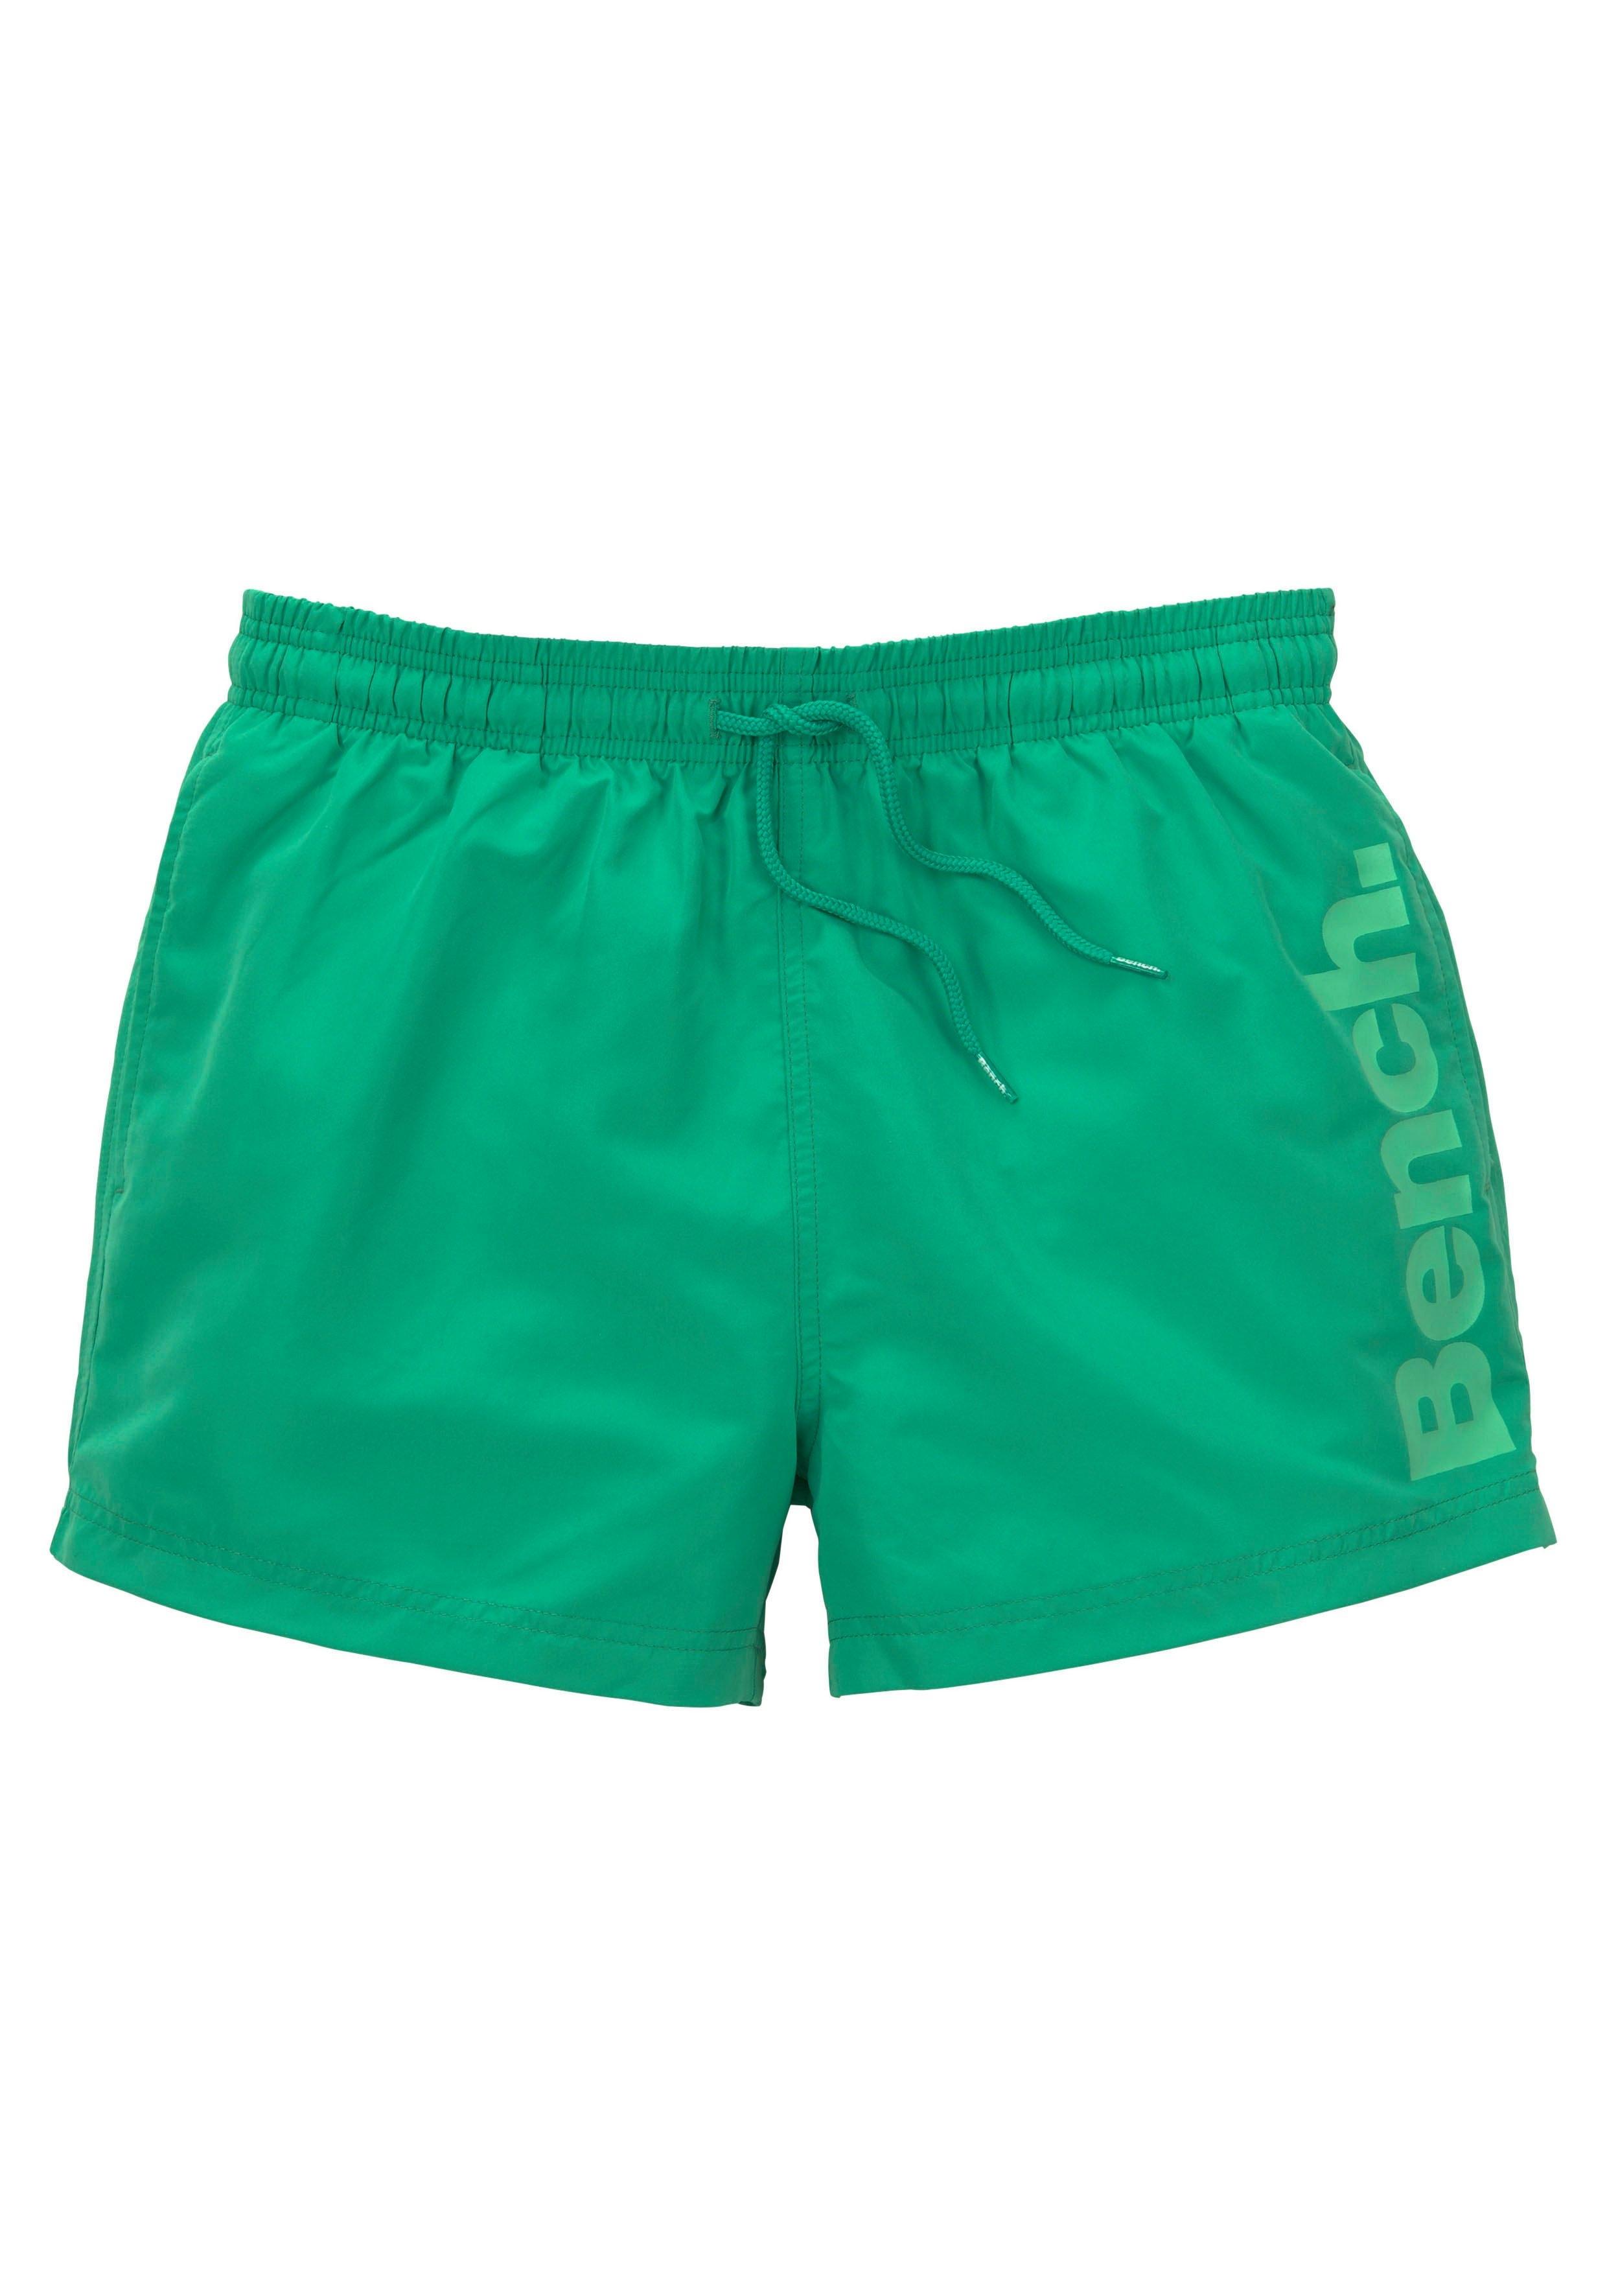 Bench. zwemshort met logo-opschrift opzij online kopen op otto.nl